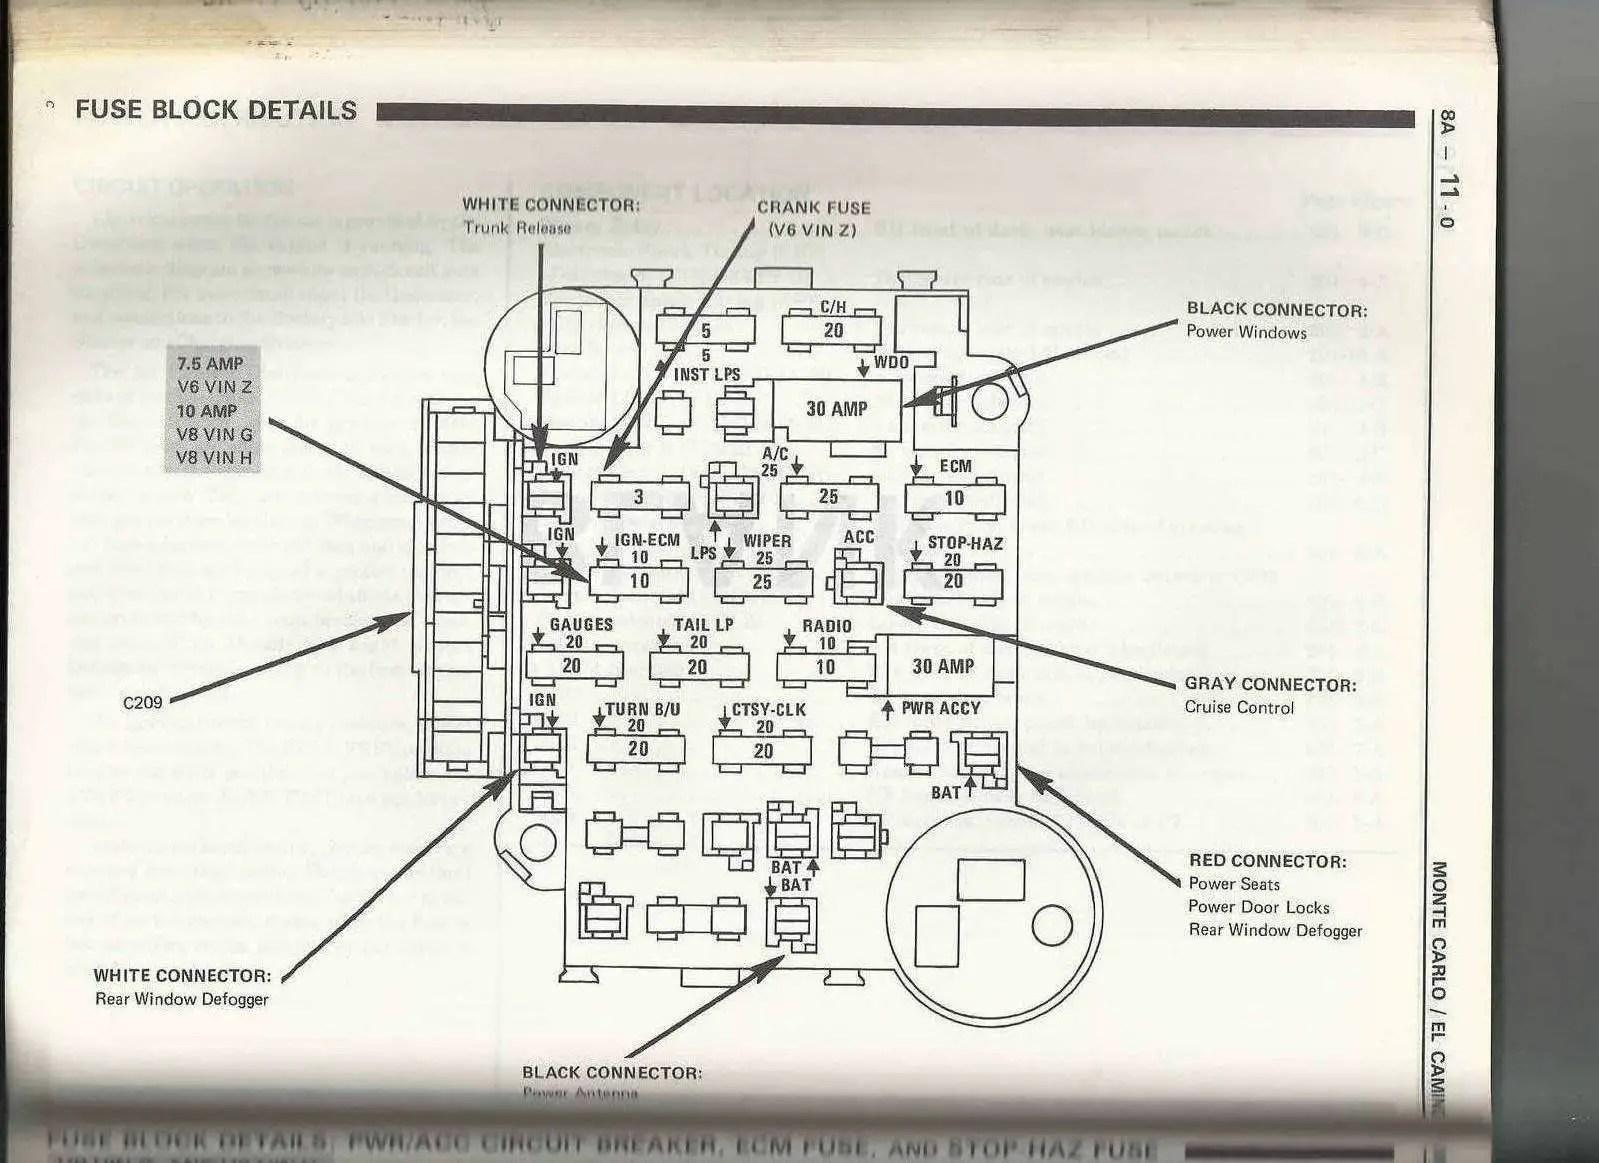 87 El Camino Fuse Box - Wiring Diagram 500  Chevy El Camino Wiring Diagram on 1985 chevy g30 wiring-diagram, 1985 chevy truck wiring diagram, 1985 jeep cj7 wiring-diagram,